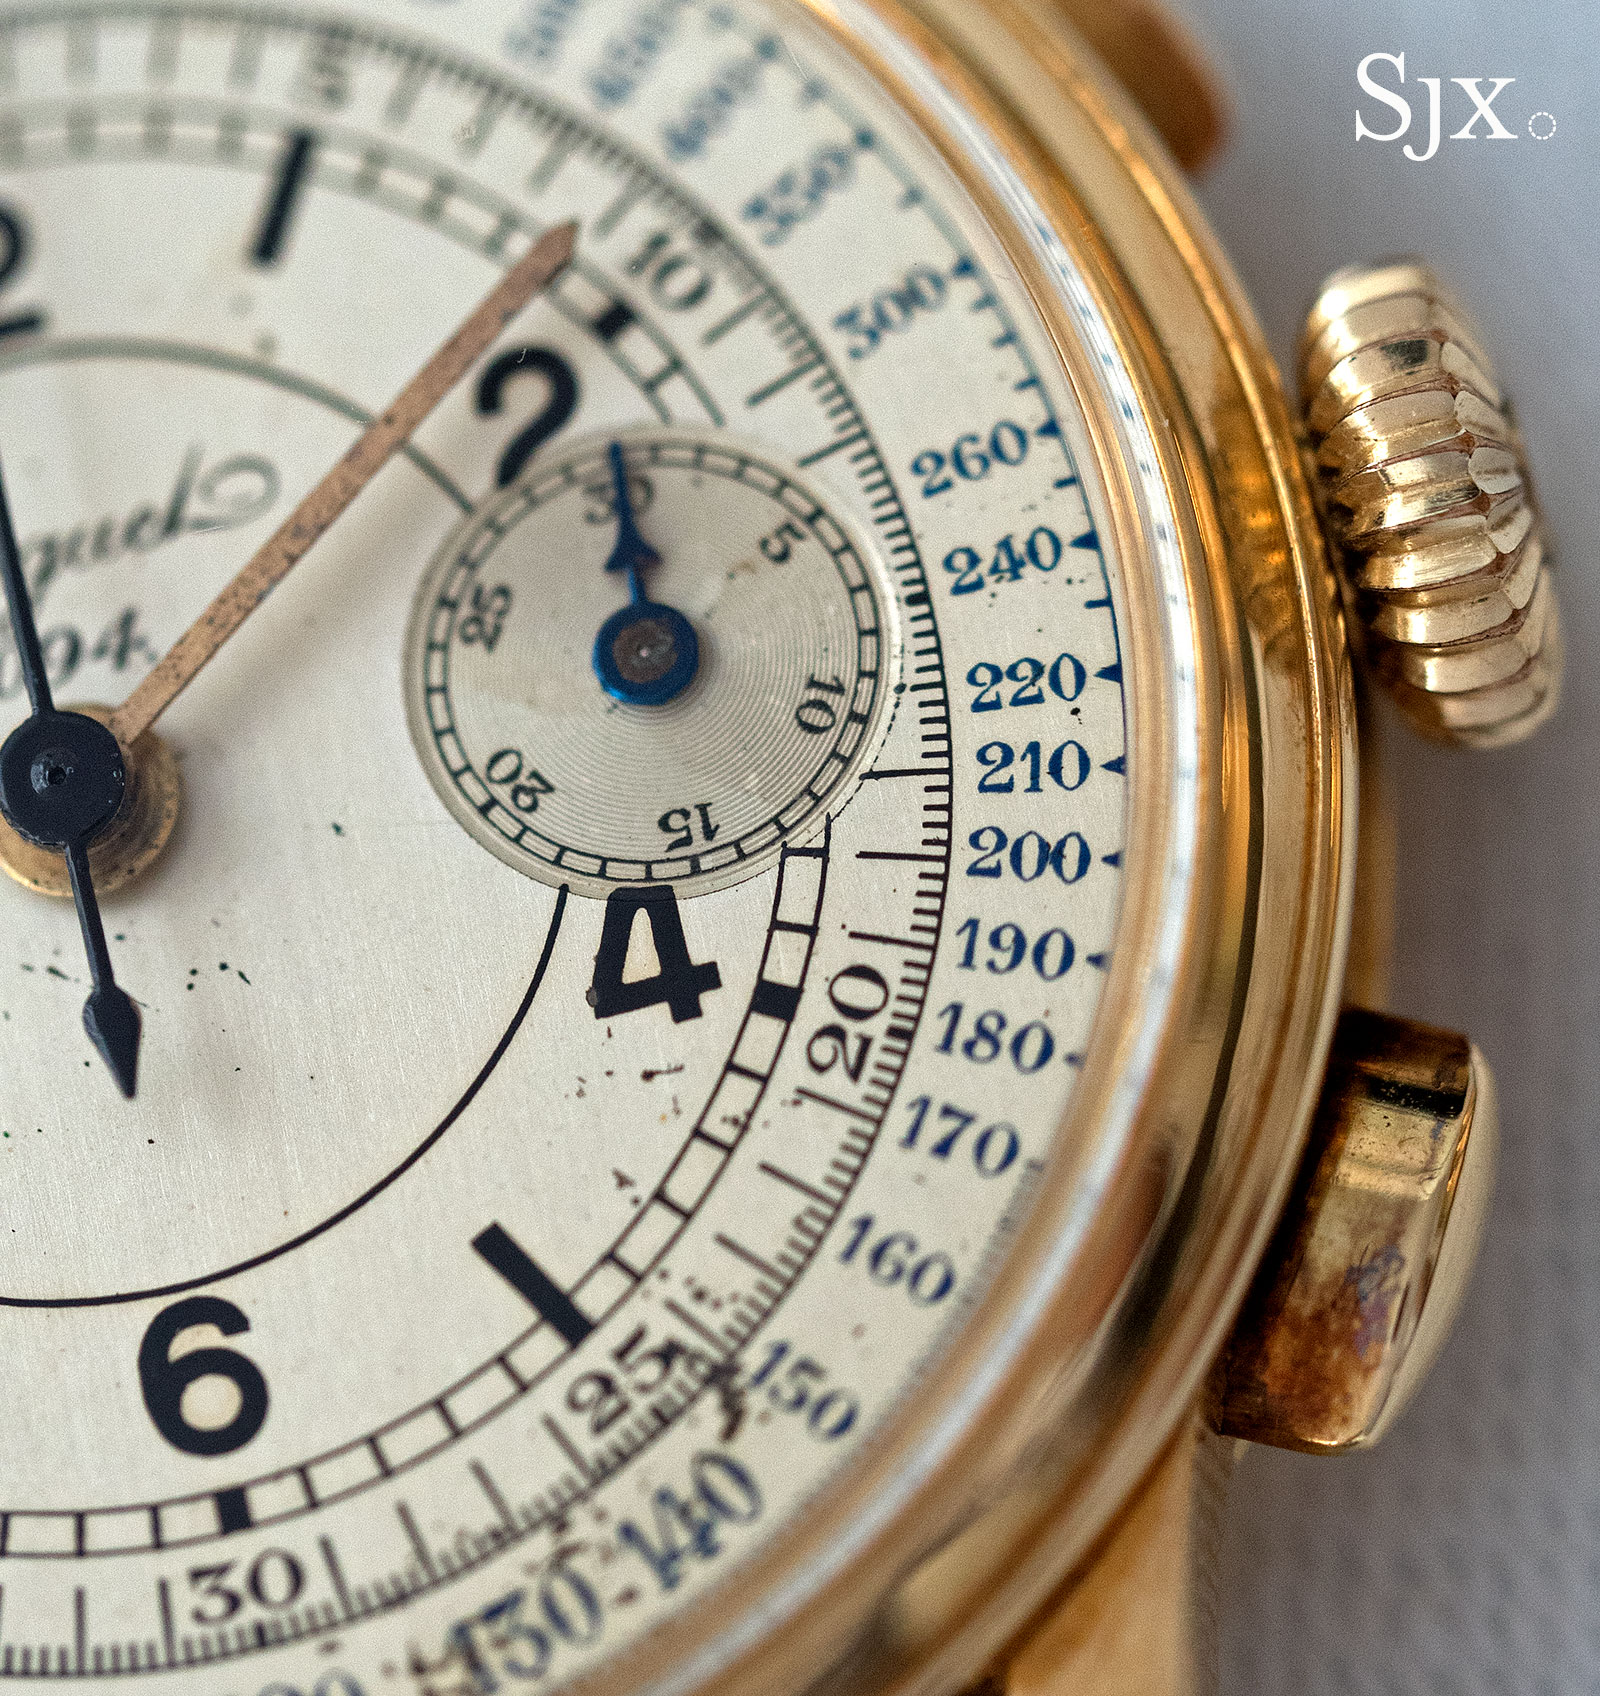 Breguet chronograph sector dial 4